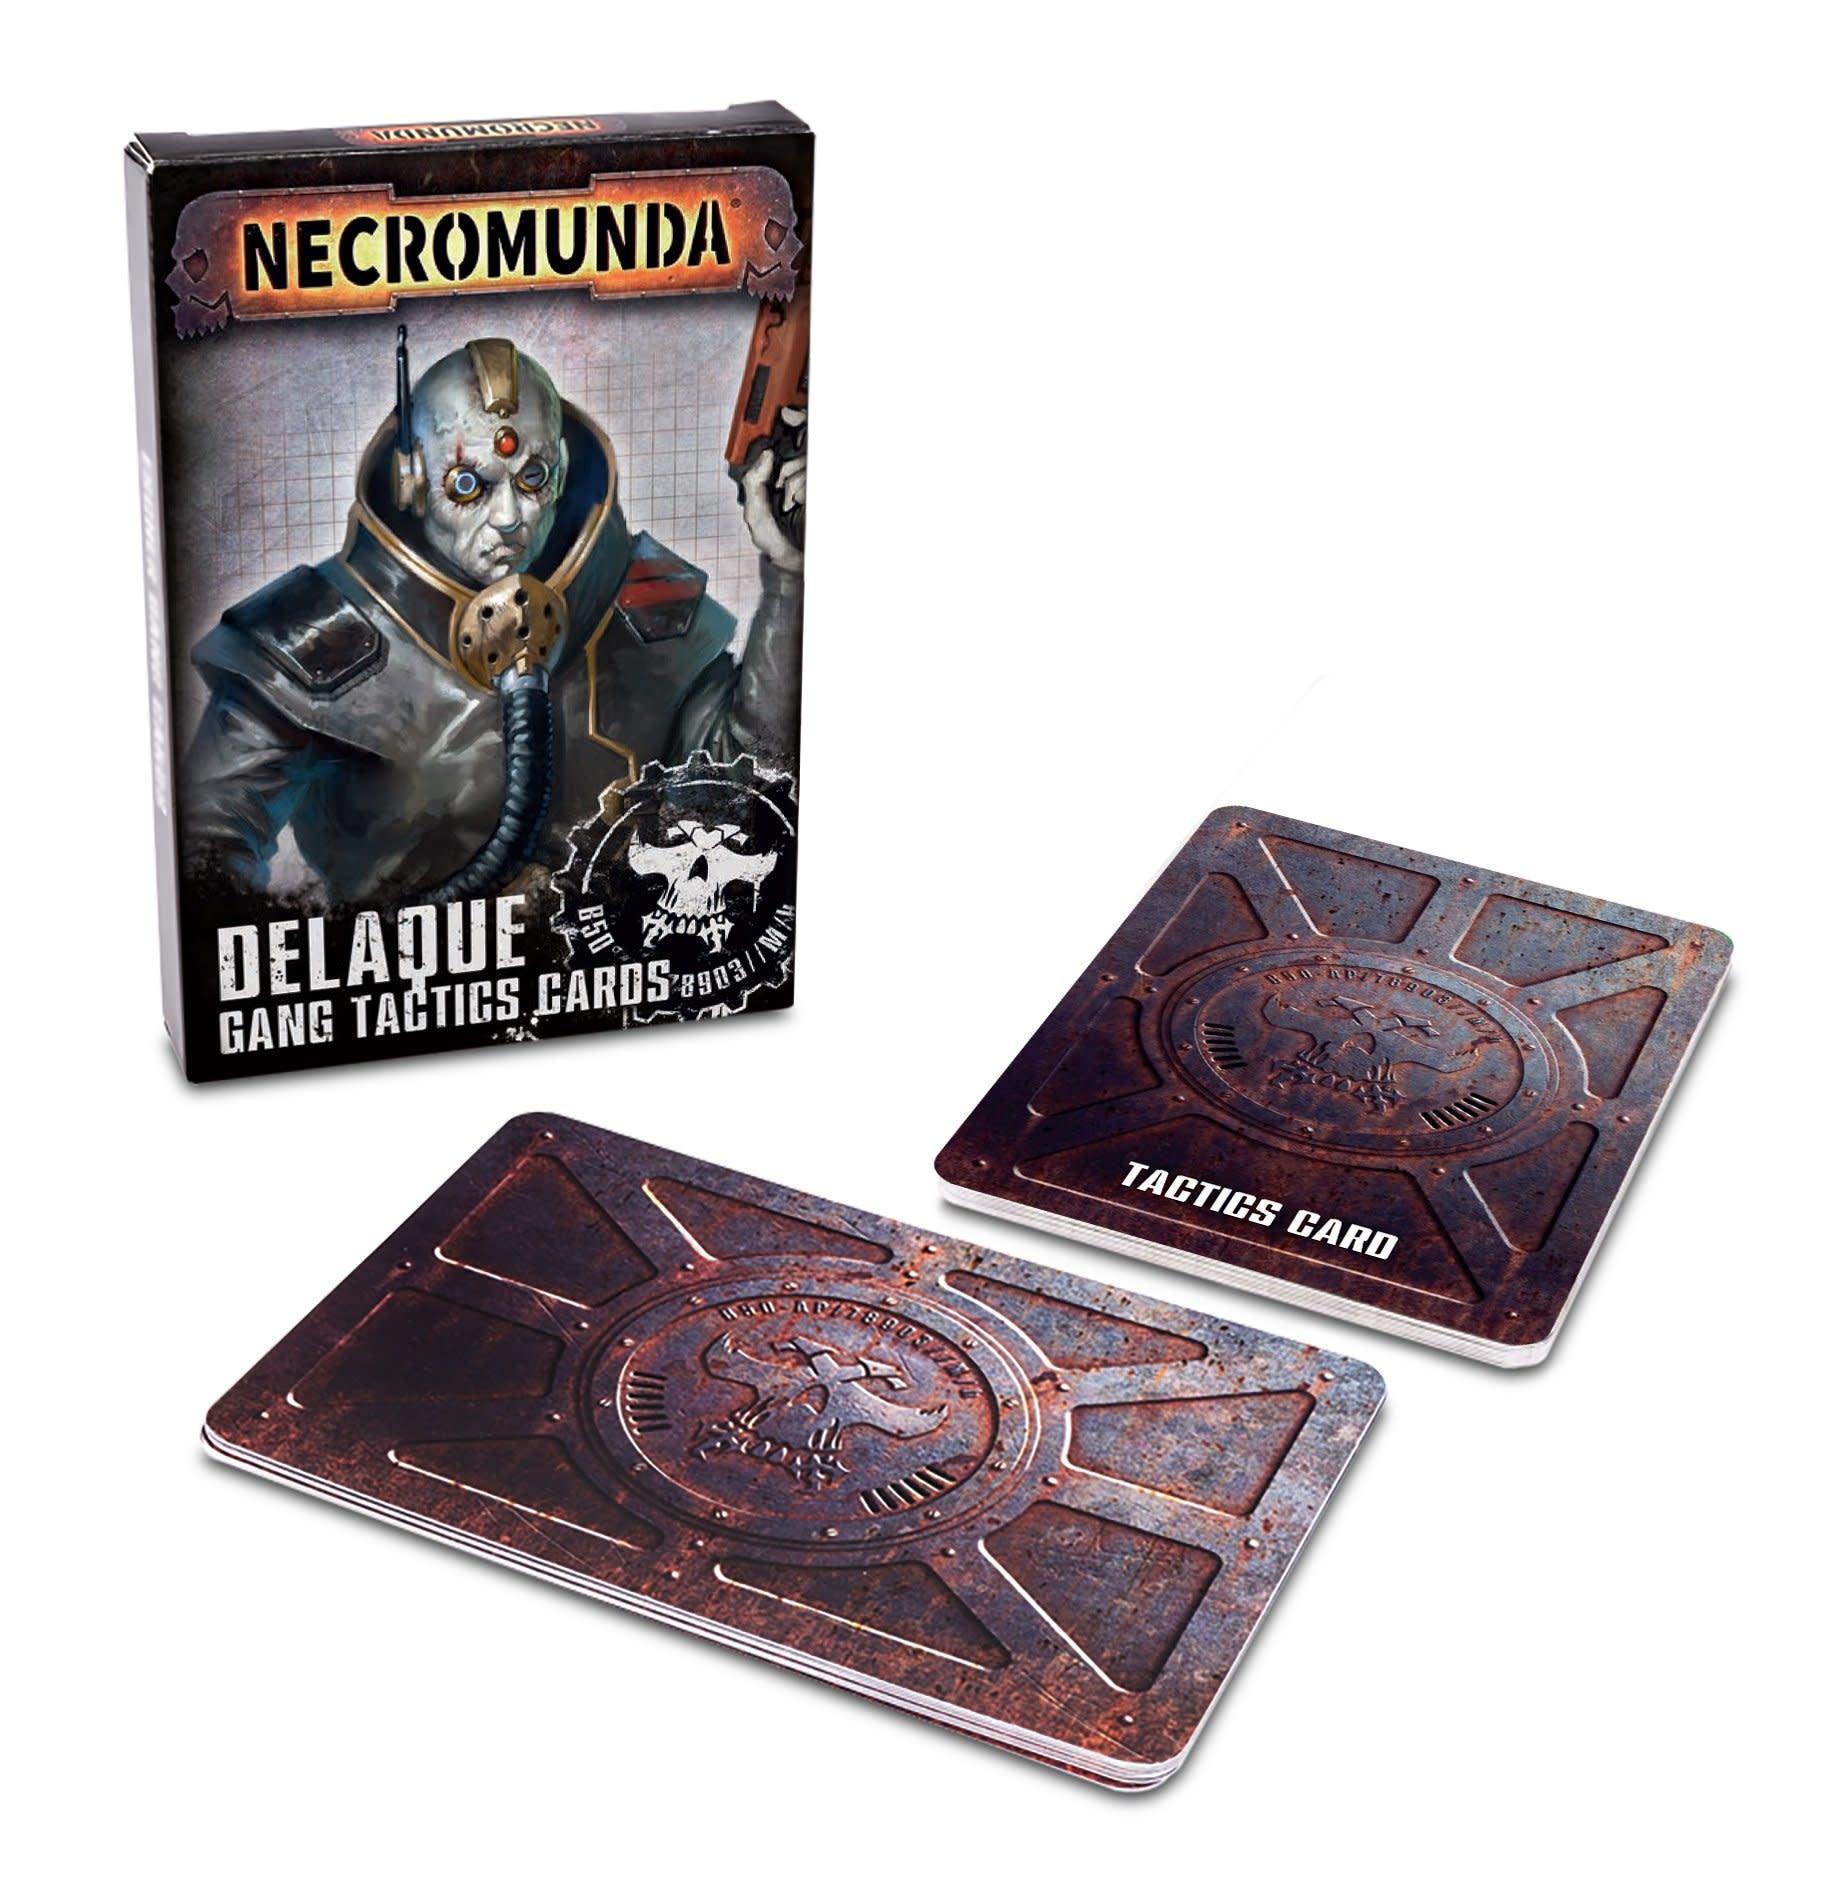 Games-Workshop Necromunda: Delaque Gang Tactics Cards